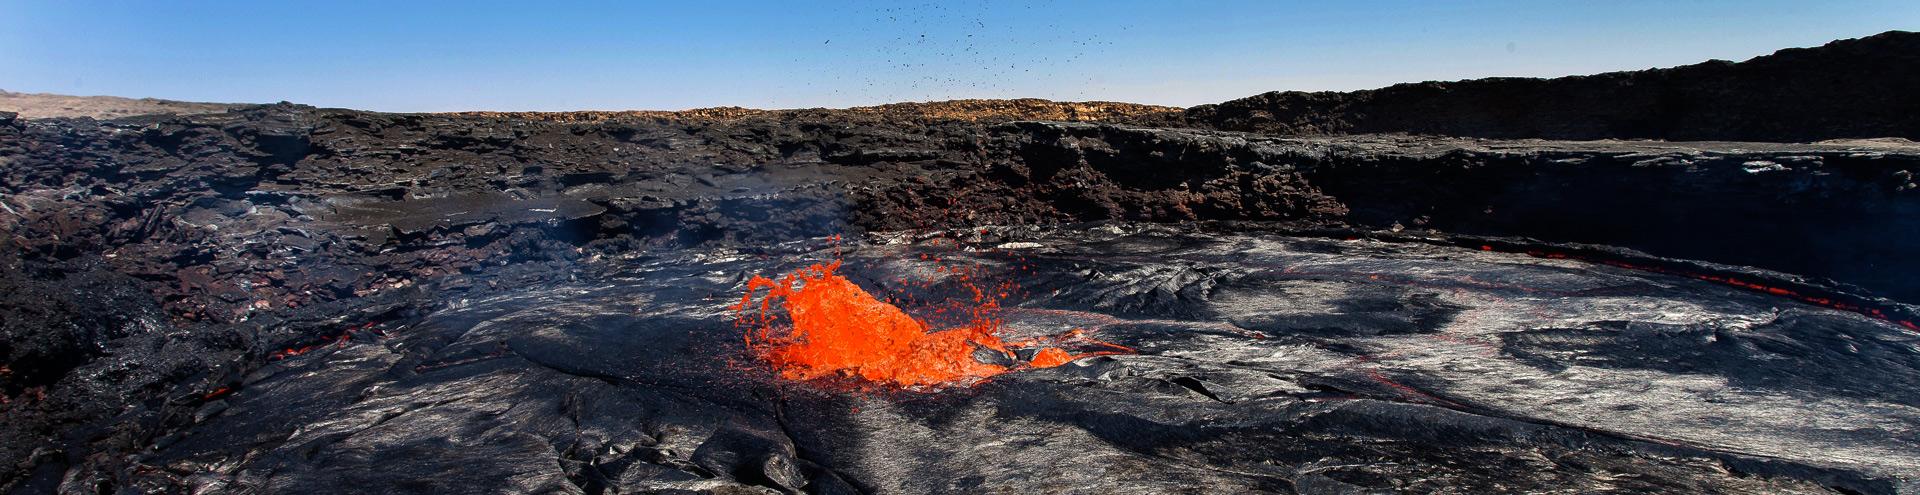 Το ηφαίστειο Έρτα Αλέ